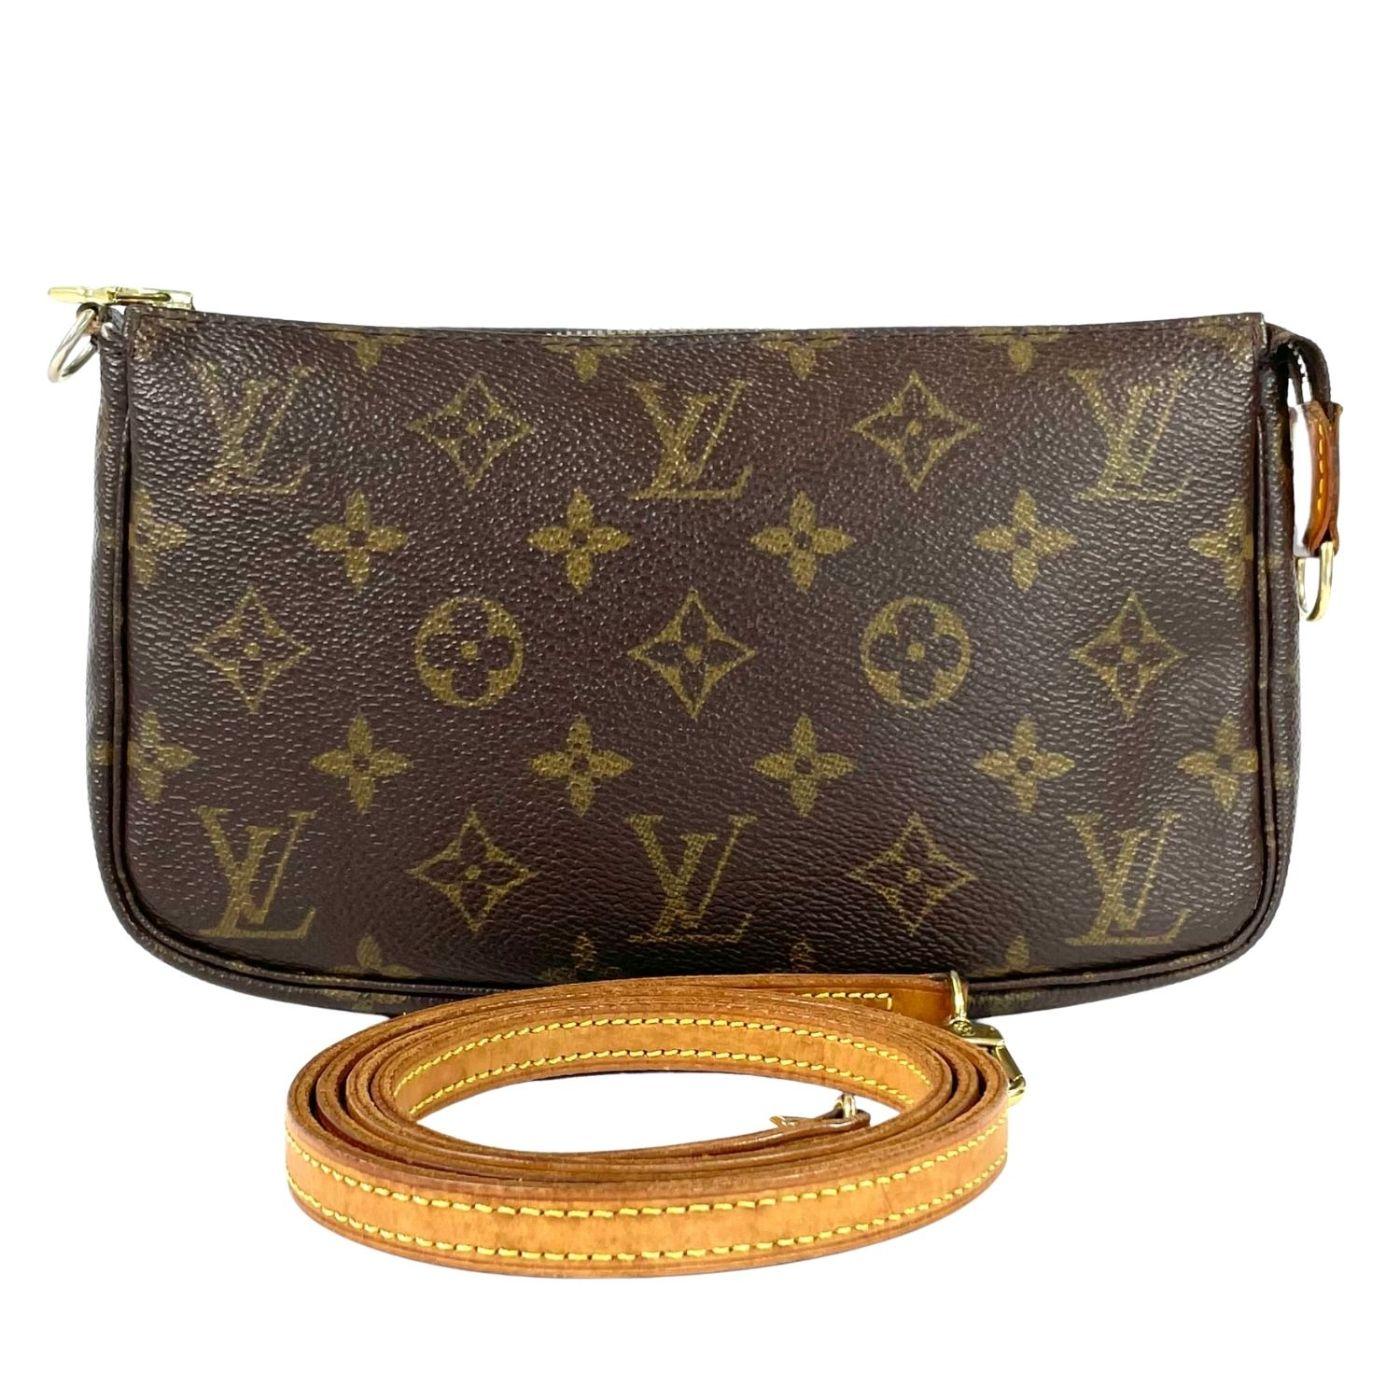 Bolsa Louis Vuitton Pochette Accessories Monograma